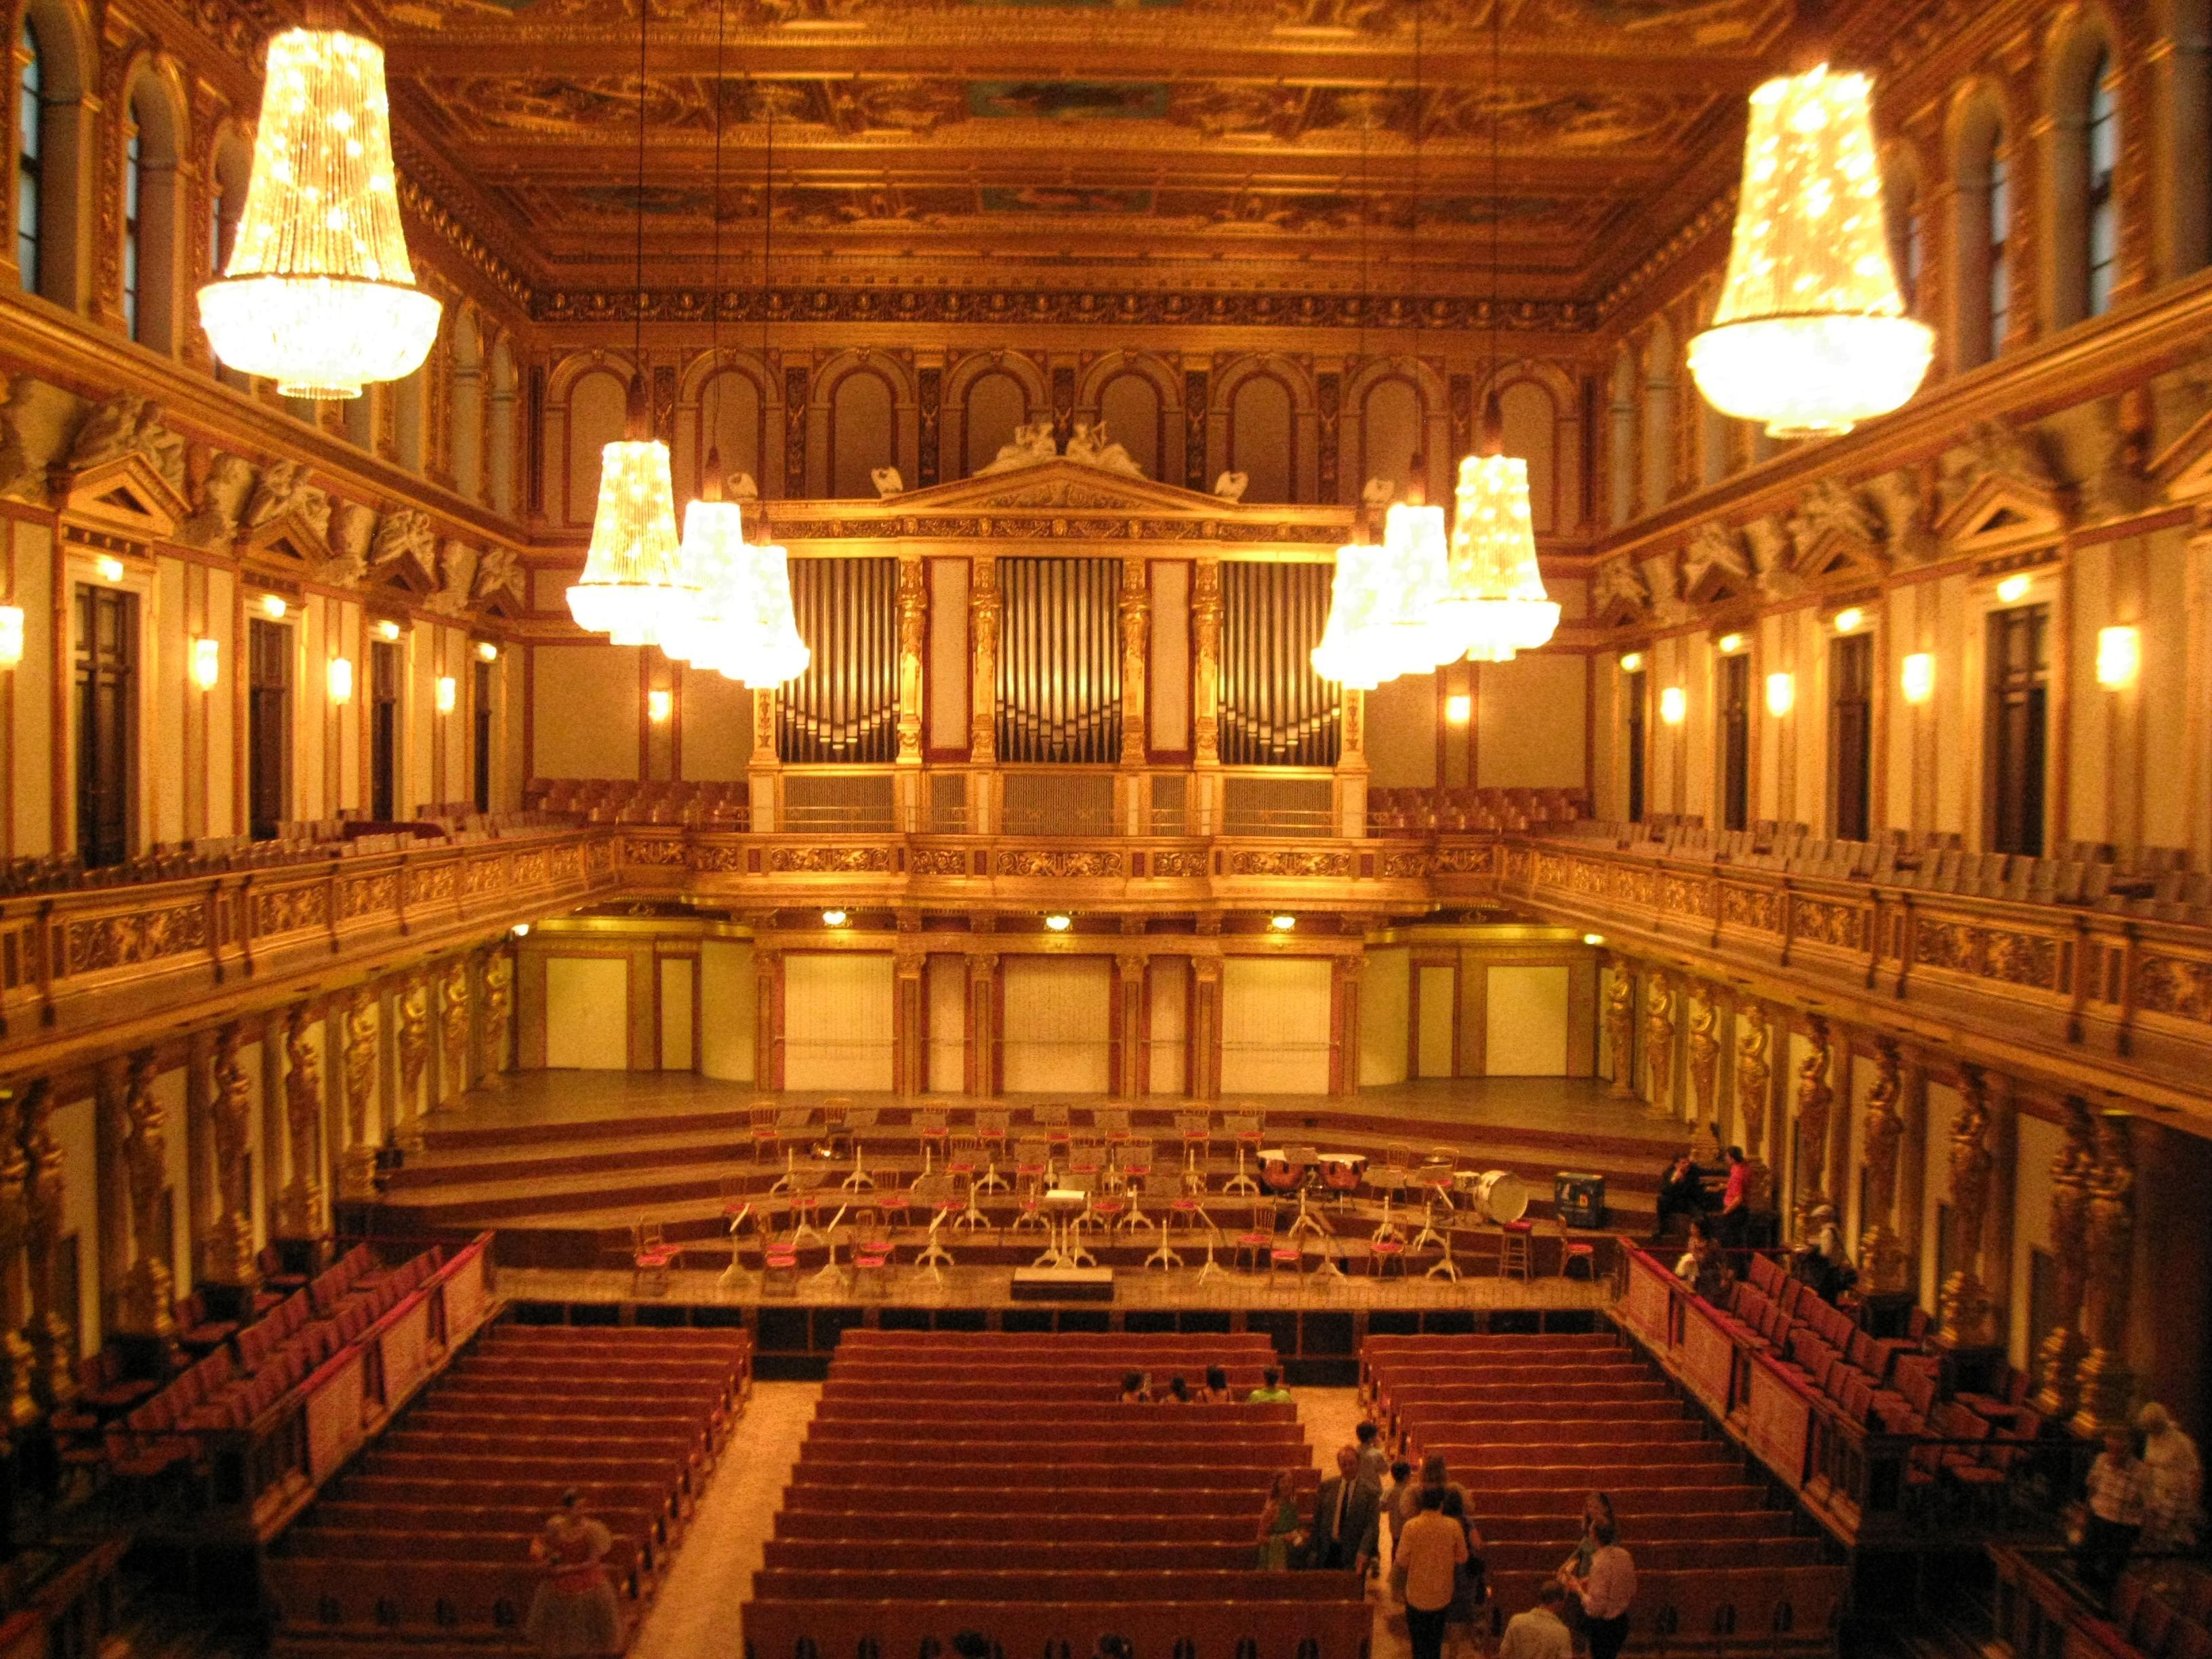 トラムでたどったプラハ~ウィーン④ウィーン 楽友協会コンサート